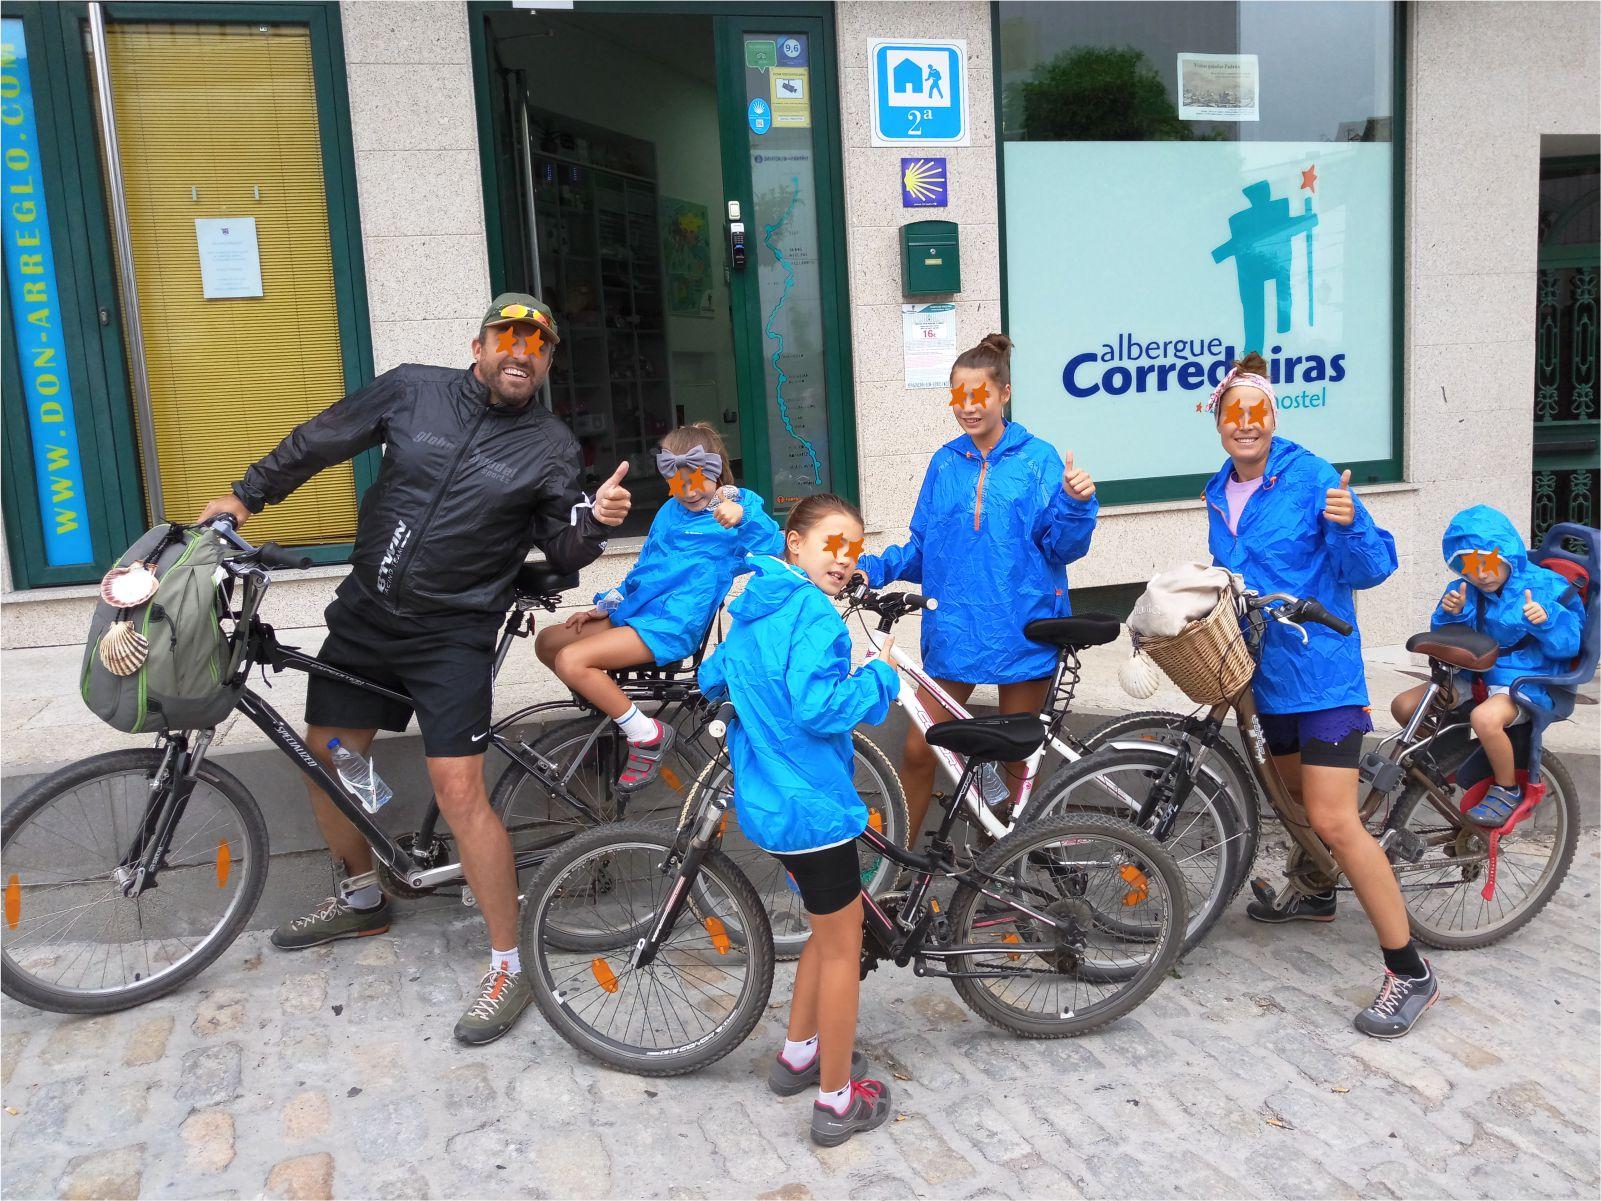 Ciclistas - Cyclists - Albergue Corredoiras